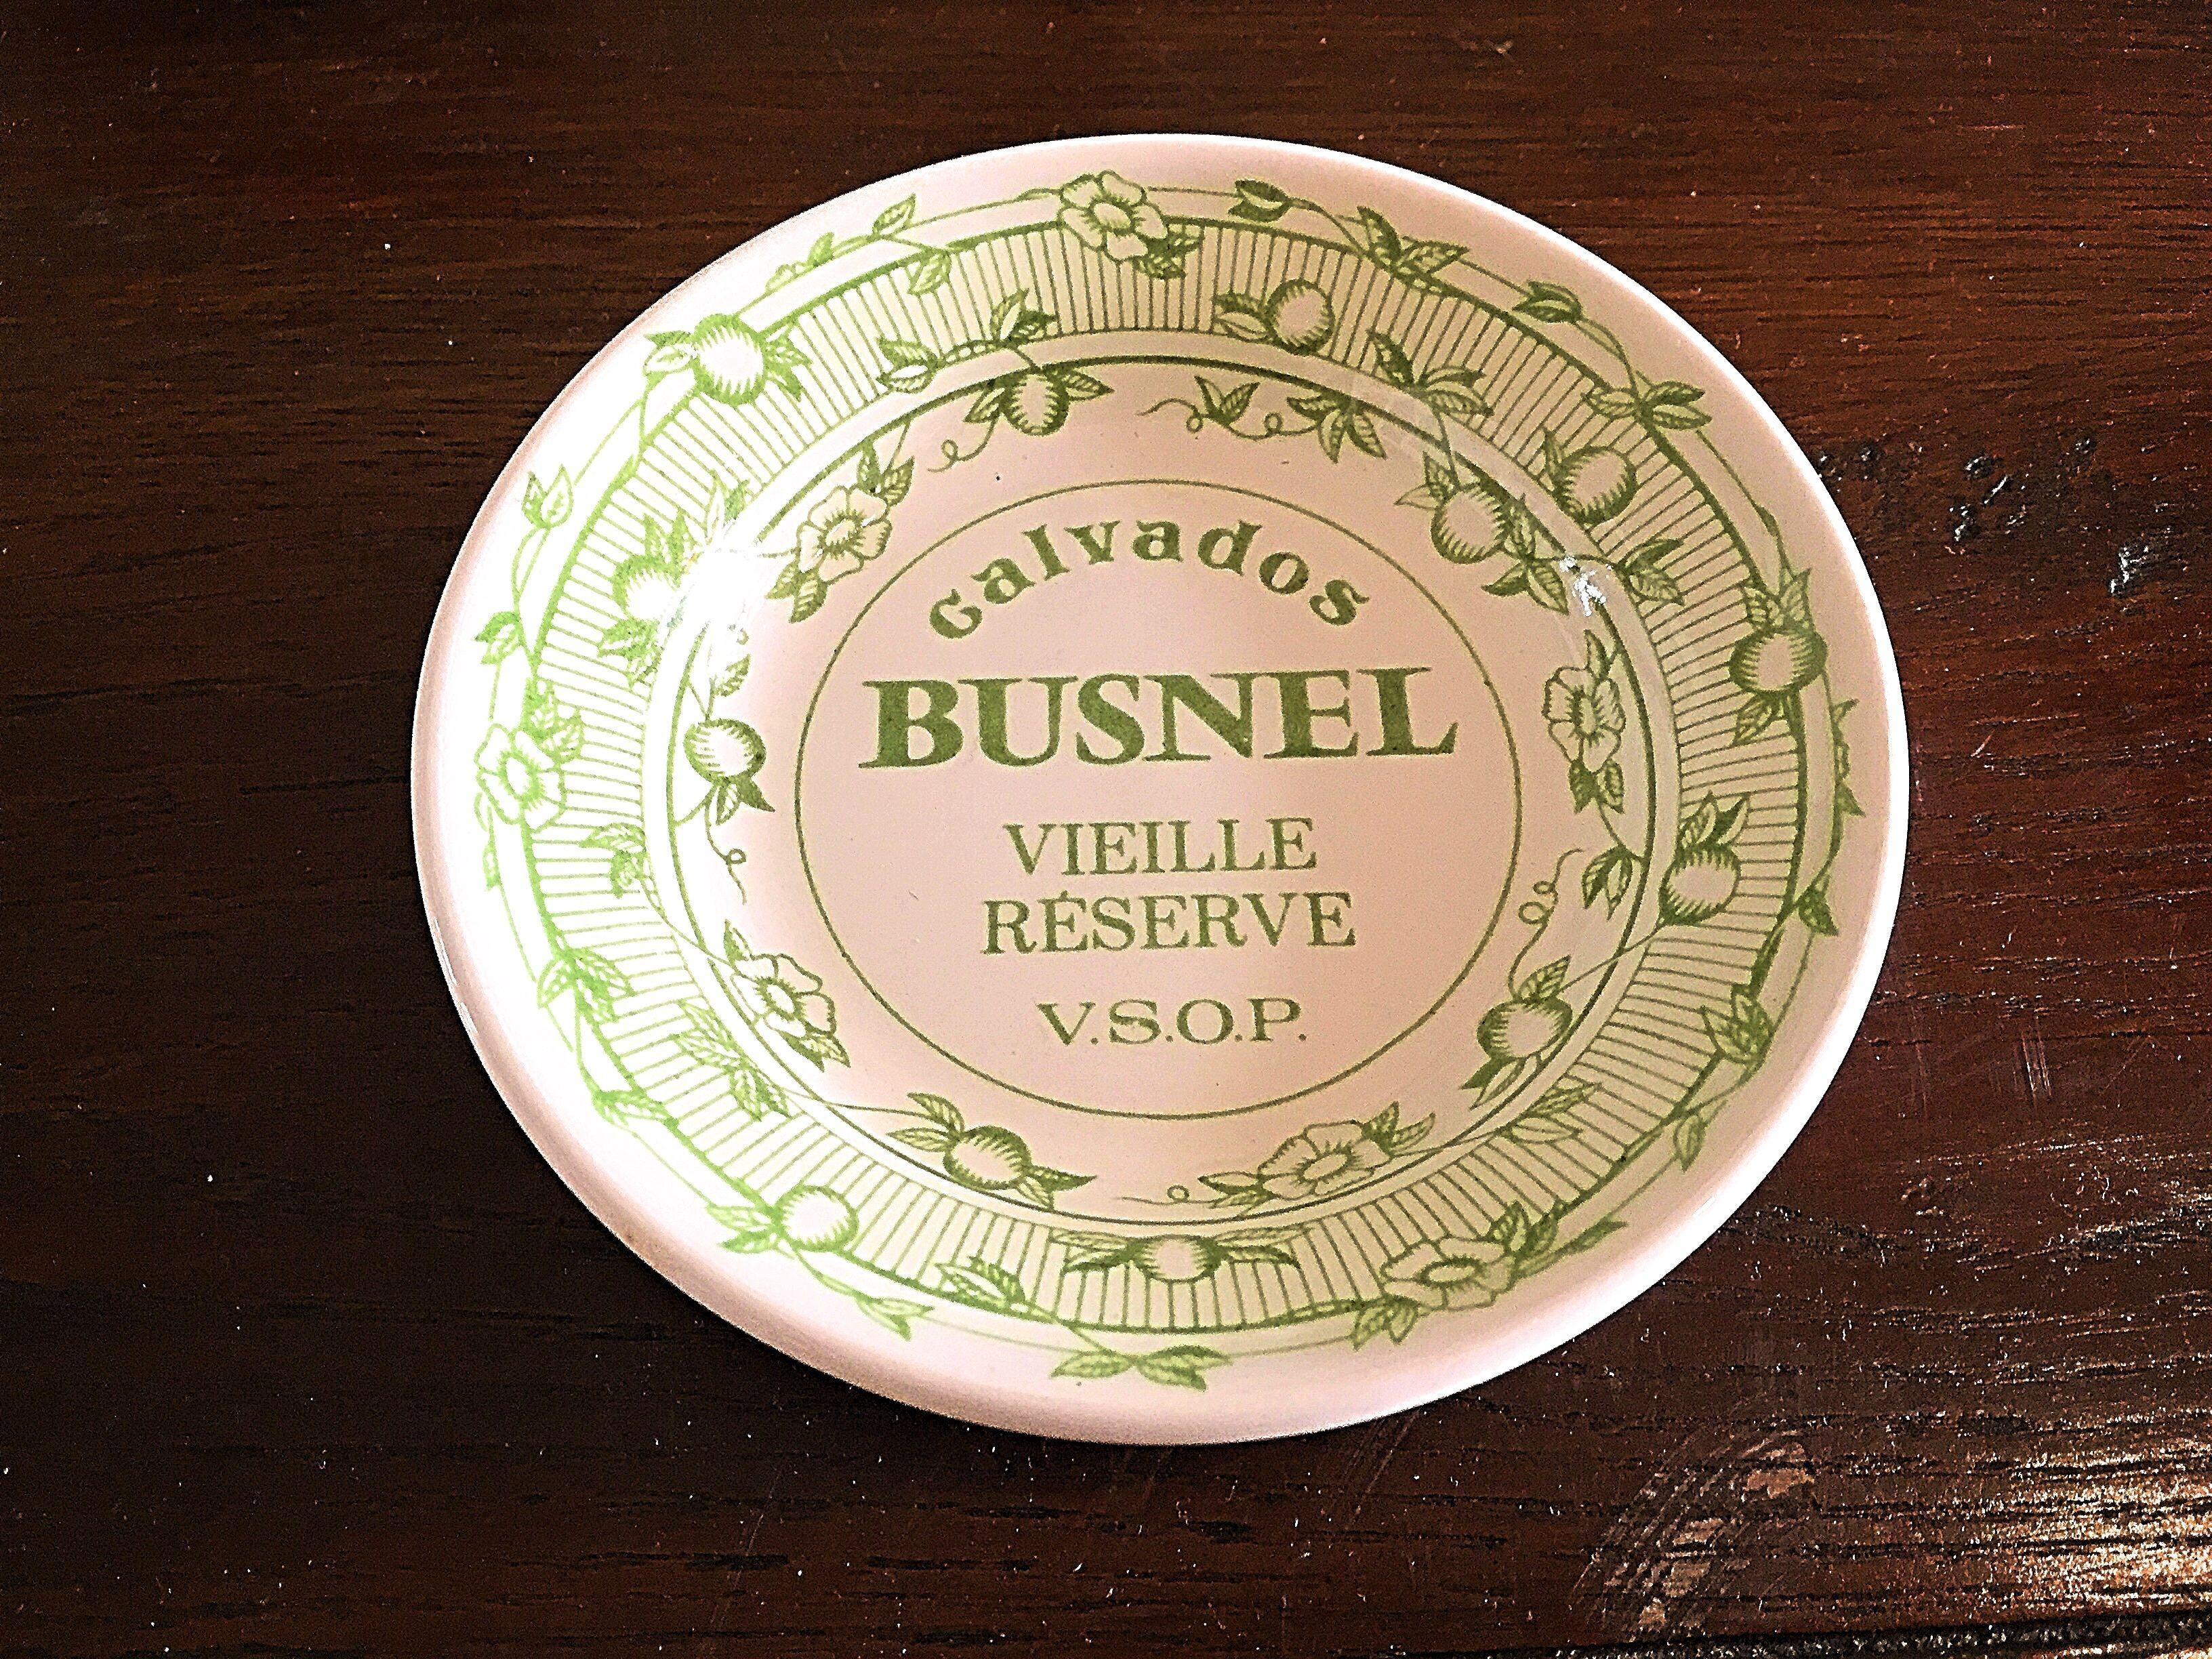 Calvados Busnel 灰皿